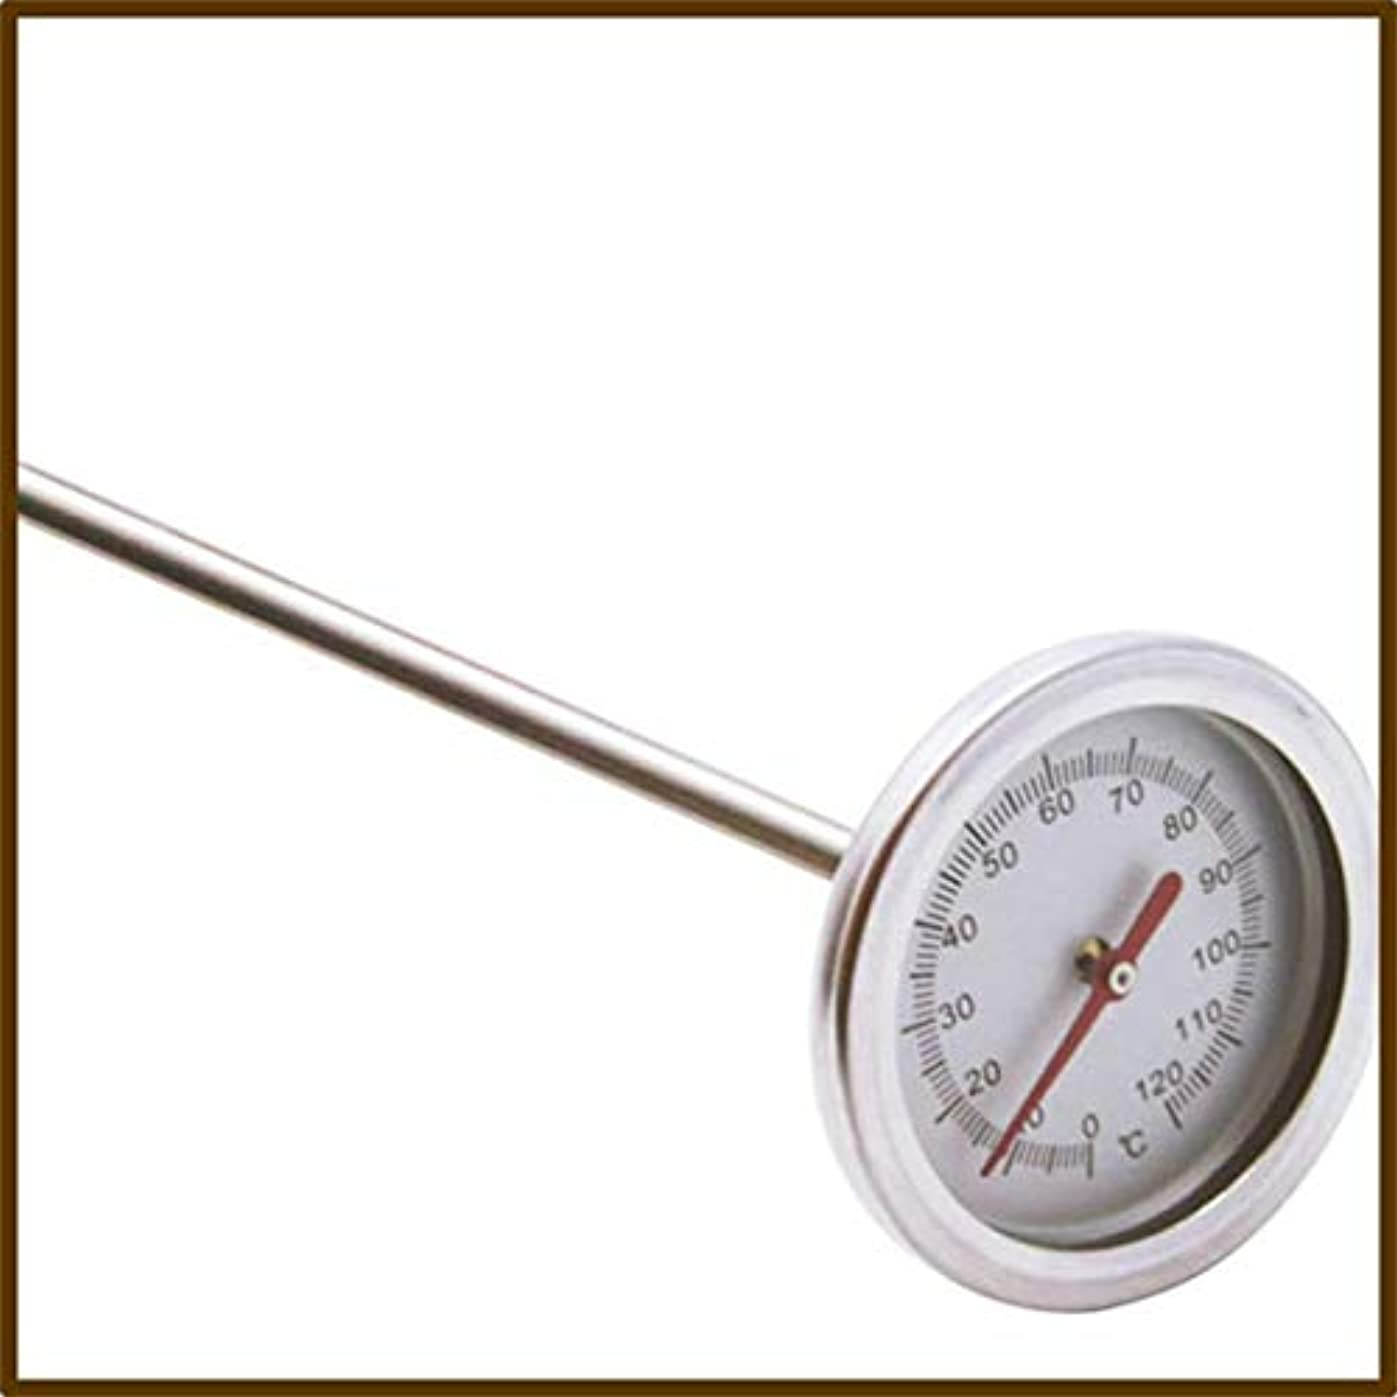 参加者汚い本気Saikogoods 20インチ50cmの長さ 0℃-120℃ 堆肥の土壌温度計 プローブ検出器の測定プレミアム食品グレードステンレススチール メタル 銀